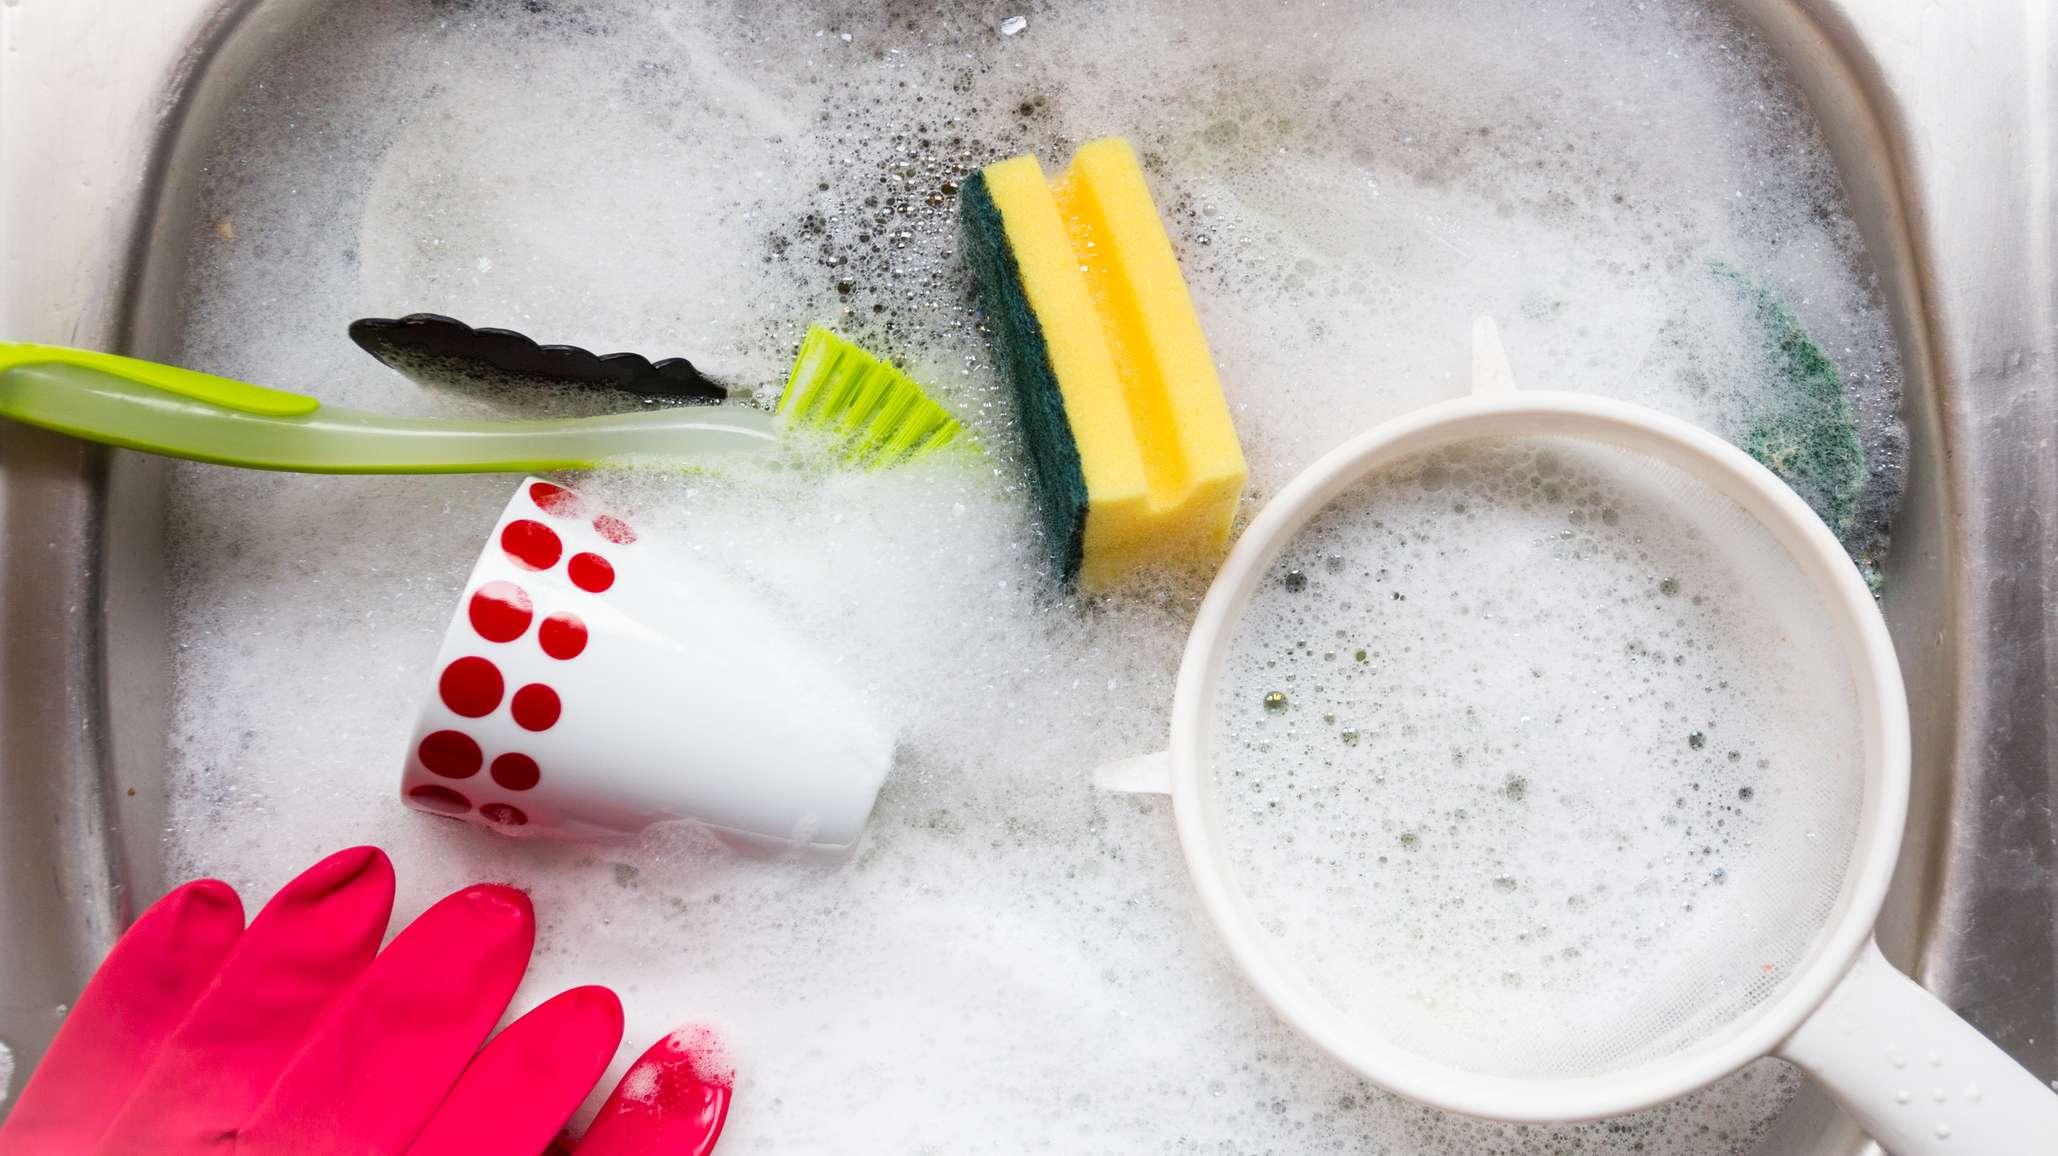 Фото замоченной посуды